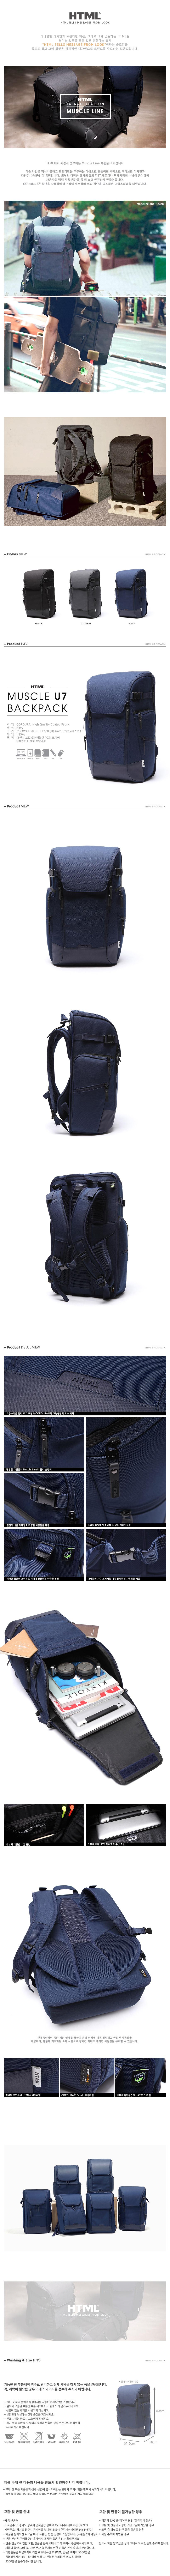 [에이치티엠엘]HTML - Muscle U7 Backpack (NAVY) 머슬 백팩 신학기 가방